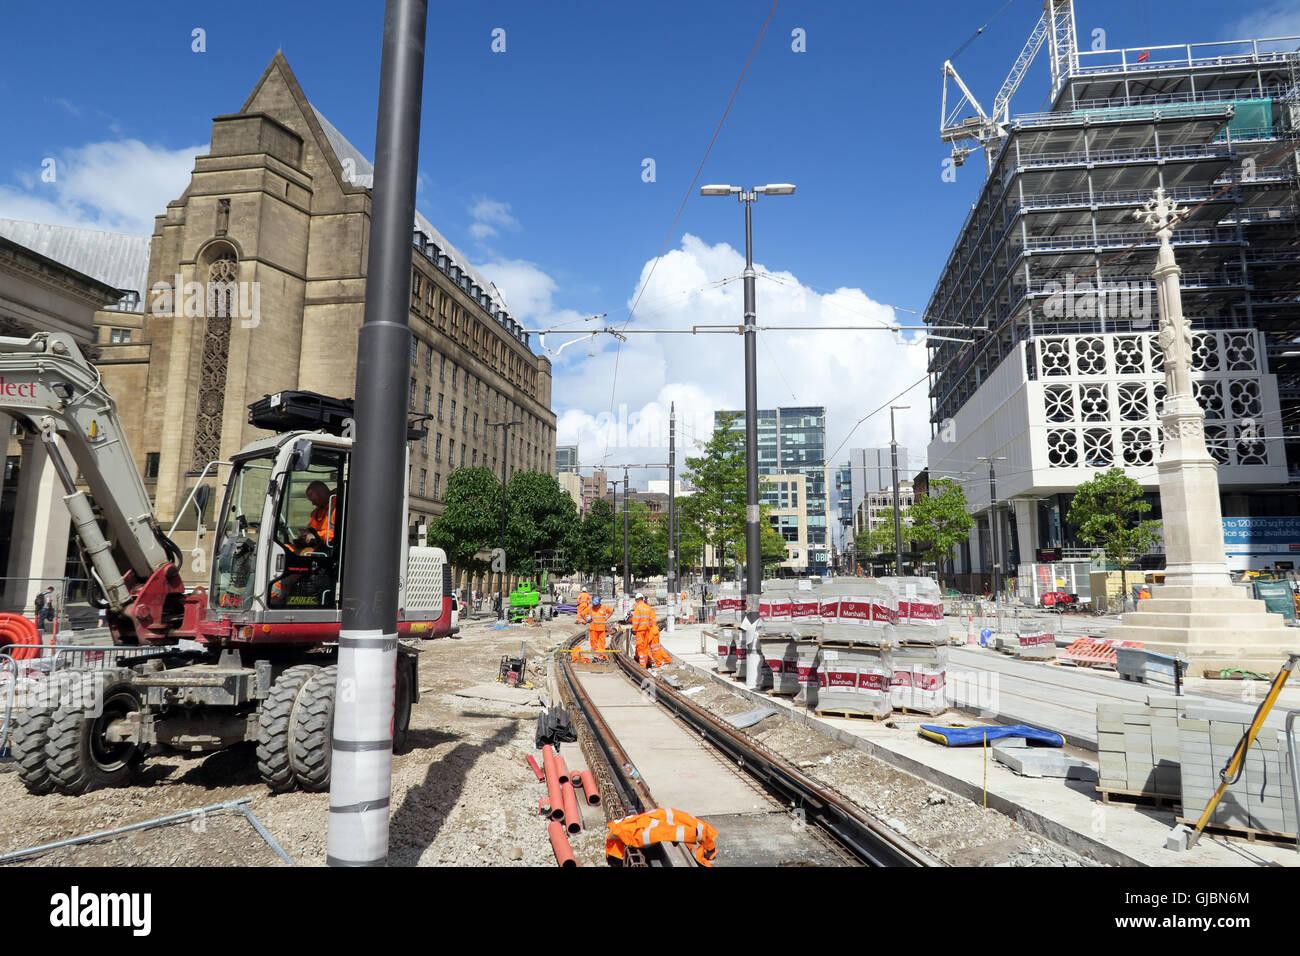 Laden Sie dieses Alamy Stockfoto Gebäude der Phase 2 CC-Second City Crossing für Manchester Metrolink, Petersplatz, North West England, Großbritannien, M2 5PD - GJBN6M